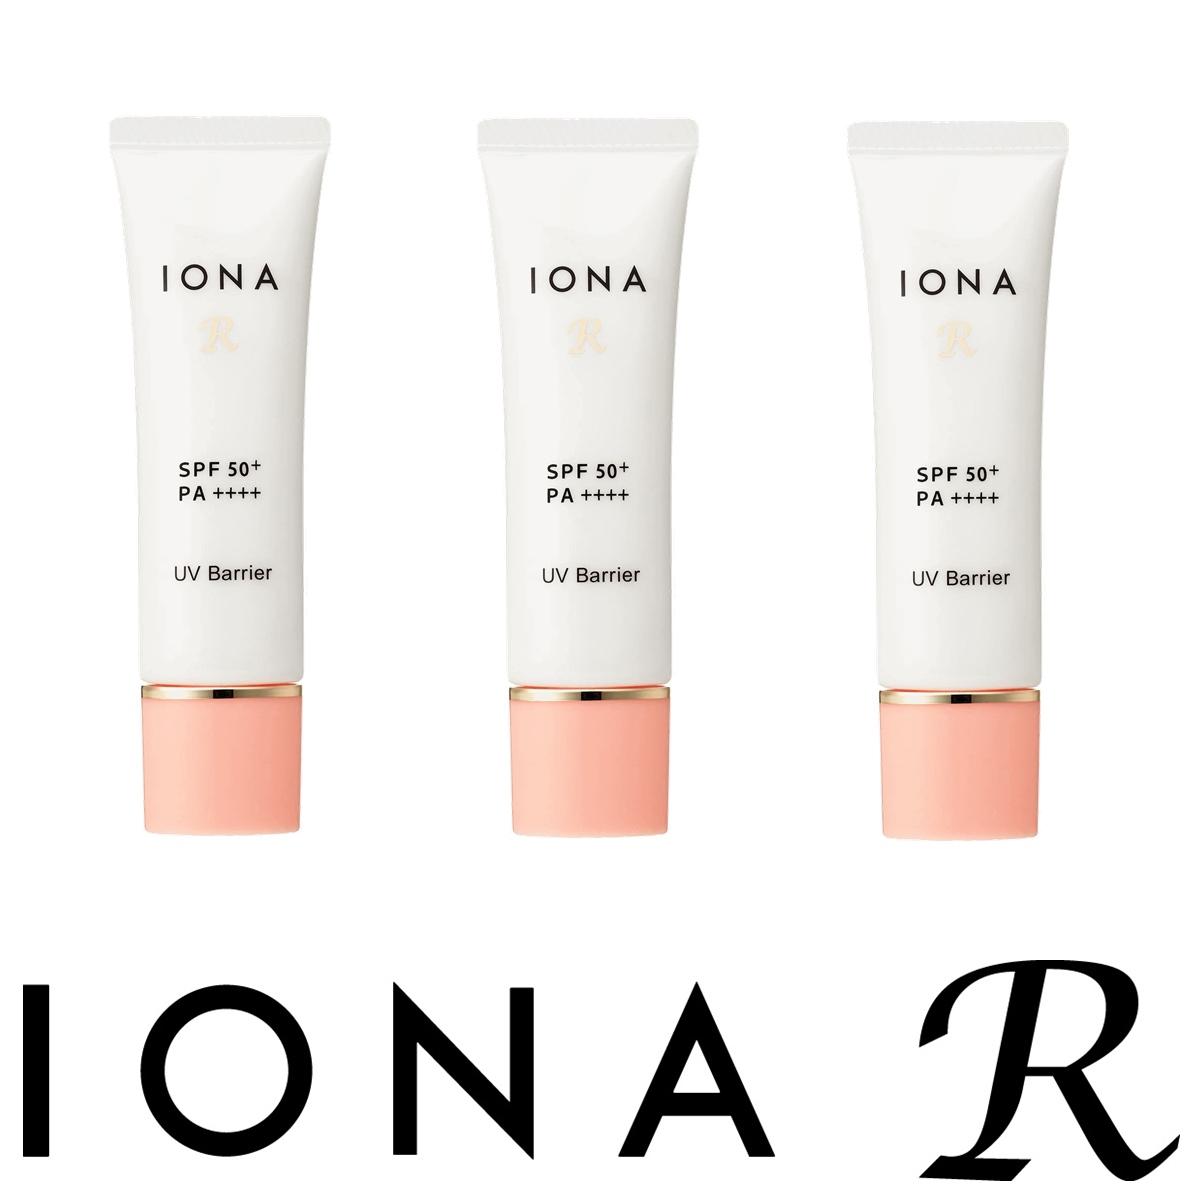 【送料無料】イオナR UVバリア 3個セット 日焼け止め 下地 化粧下地 紫外線カット SPF50+ PA++++ 国内基準最高 IONA R